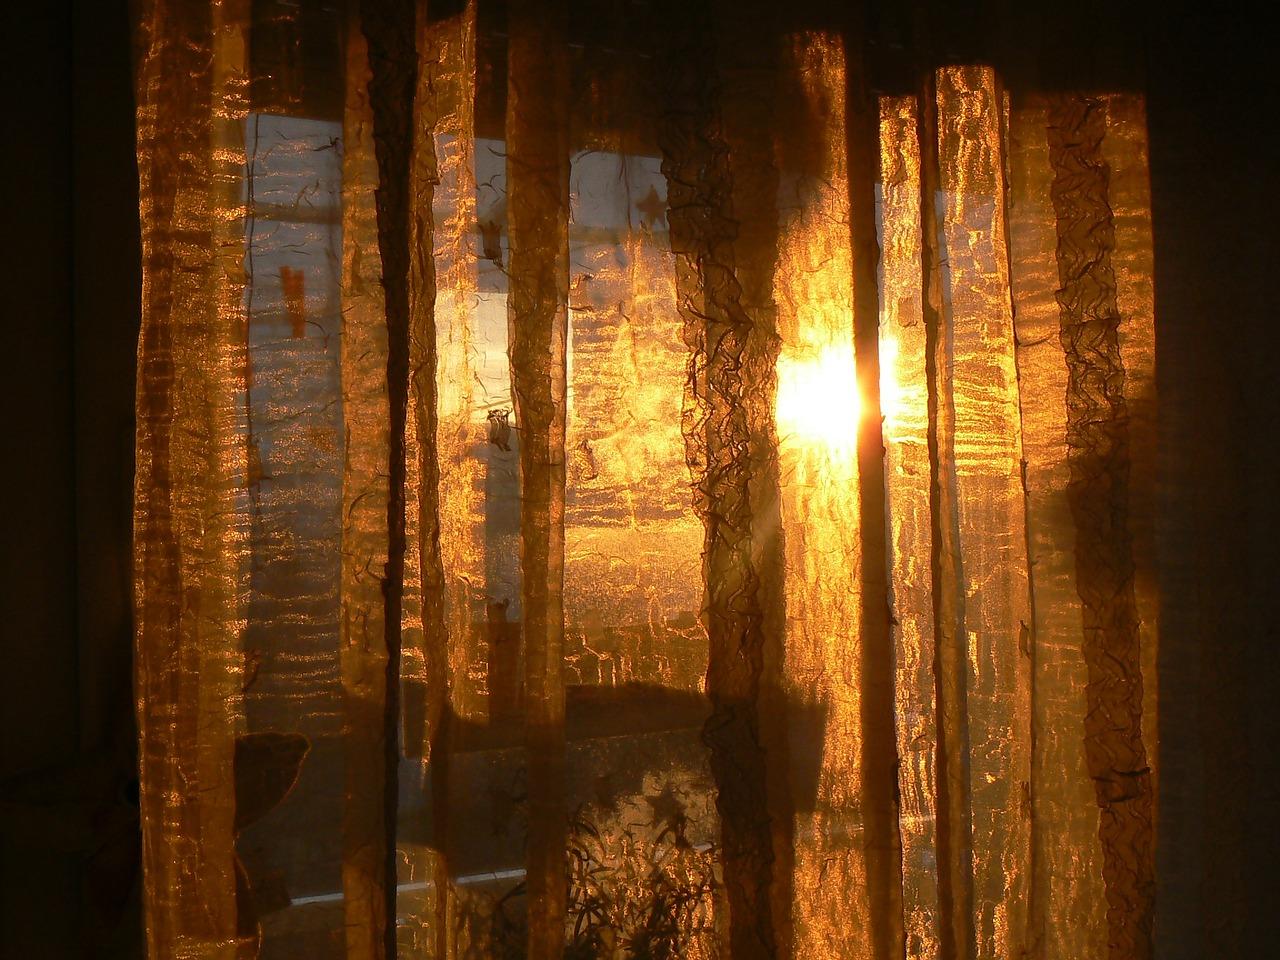 Duette gordijnen   sungo zonwering & montage